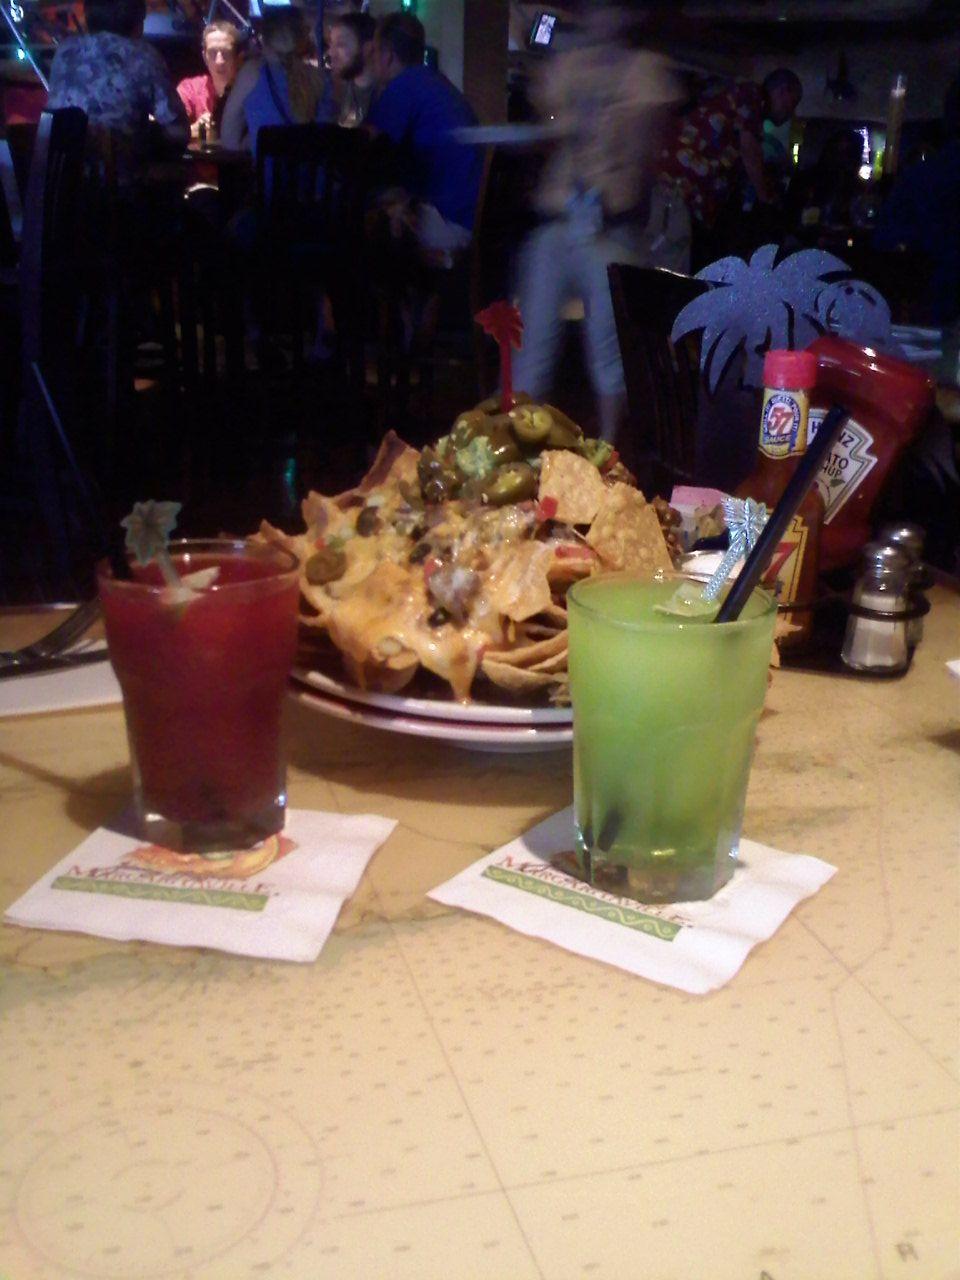 Margaritaville Restaurant in Las Vegas | News |Margaritaville Las Vegas Food